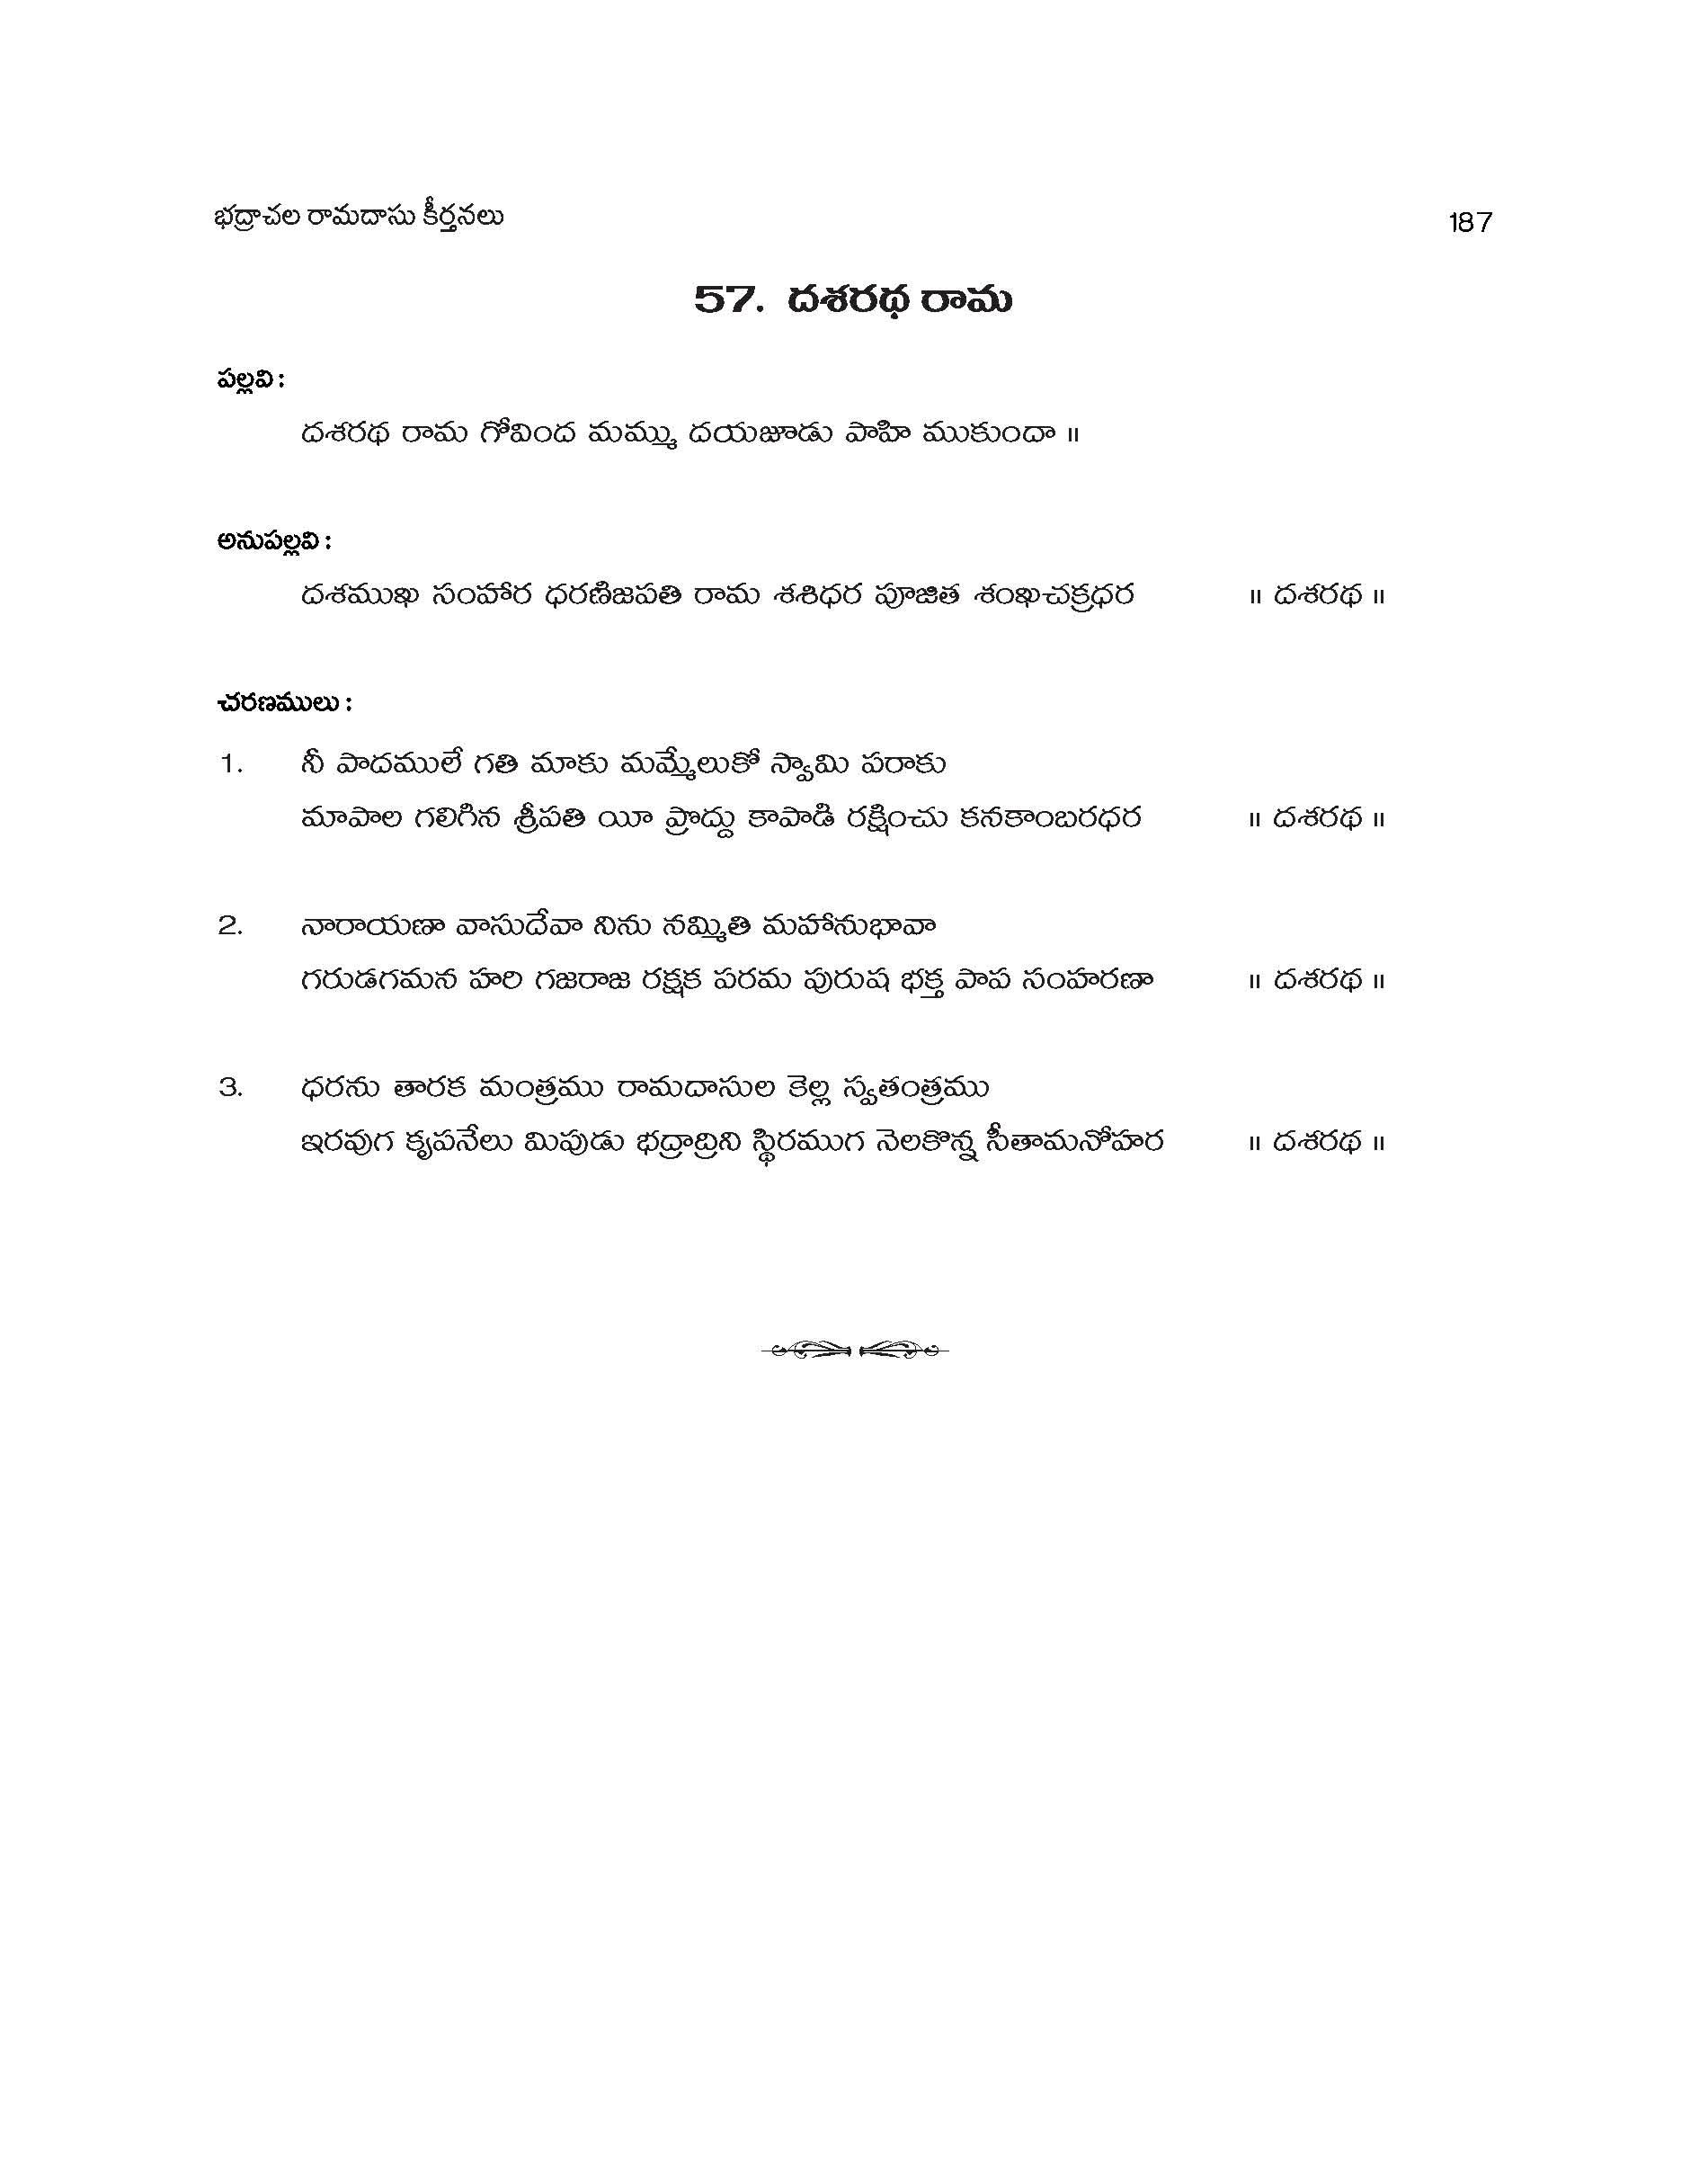 dasharadha rama, bhadrachala ramadasu keertanalu